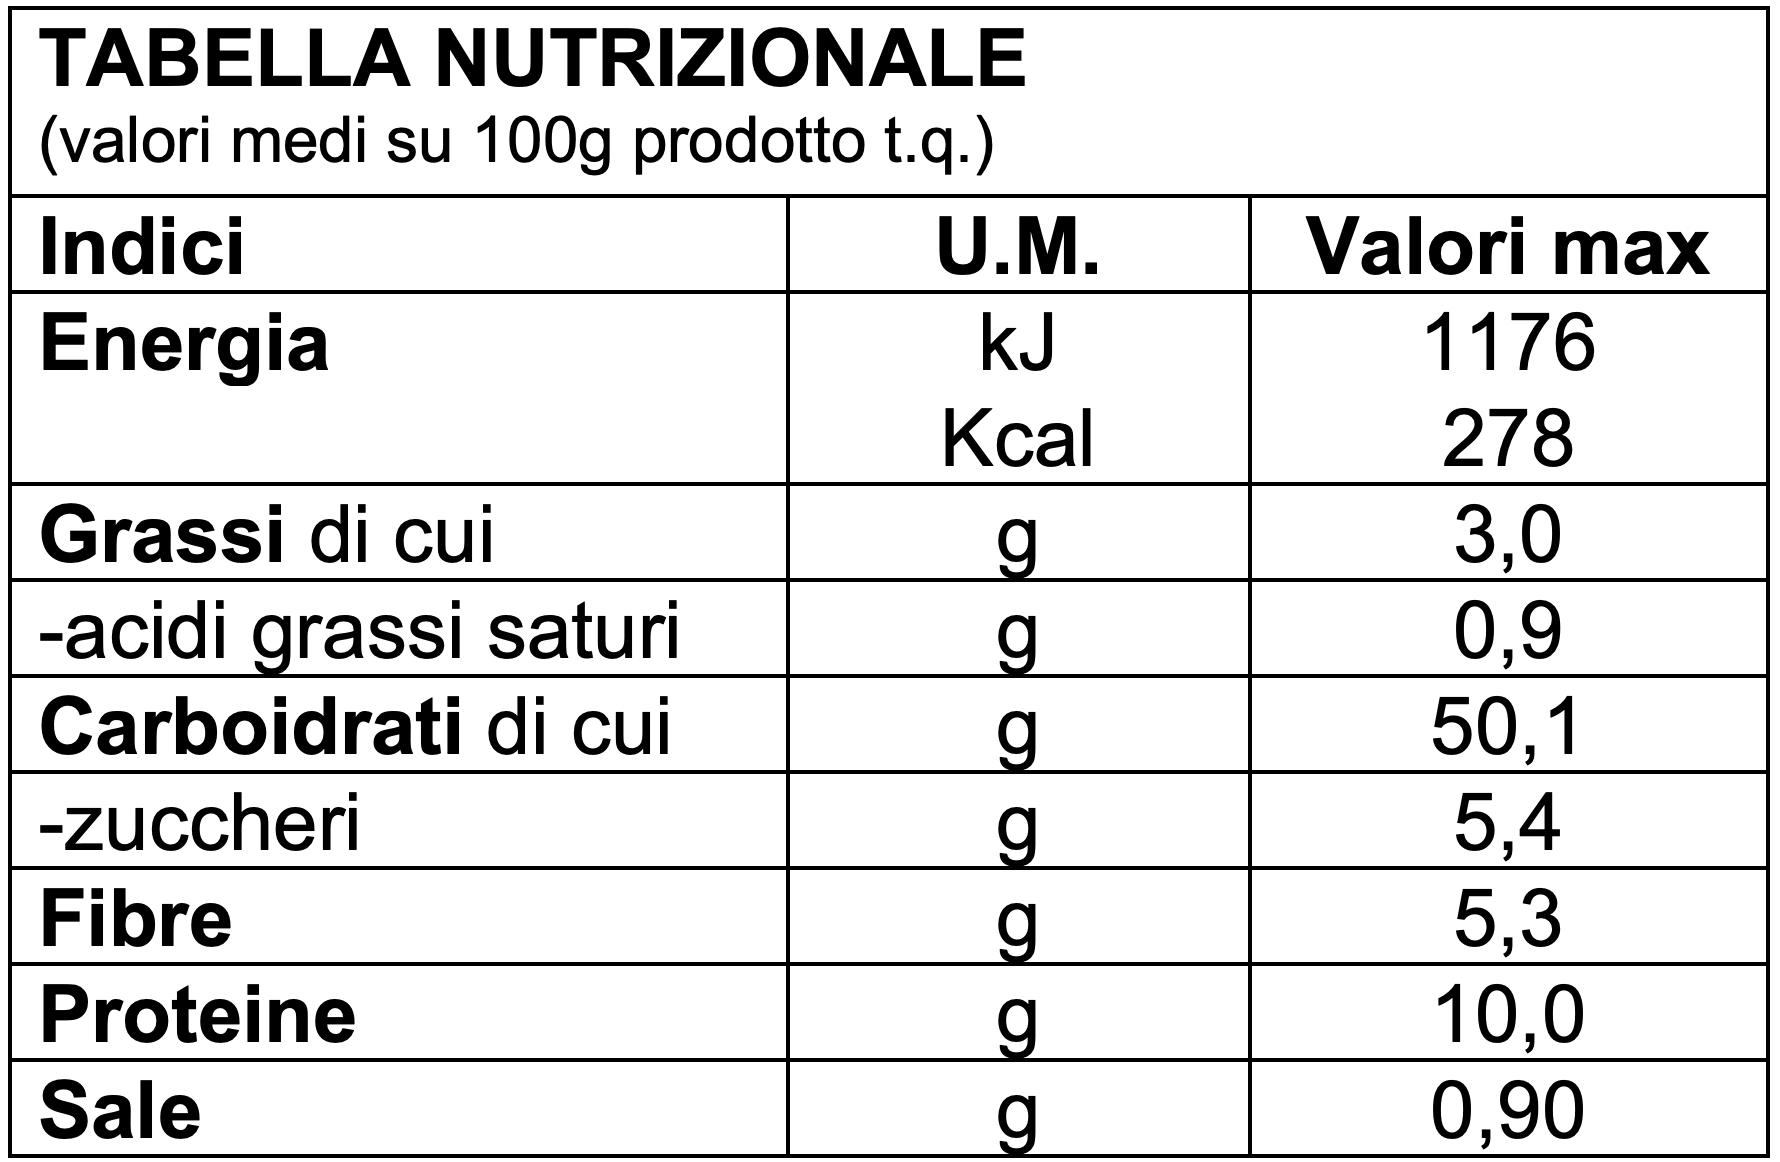 https://www.panem.it/wp-content/uploads/2019/12/tablla-nutrizionale-7-cereali-tradizionale-panem.png